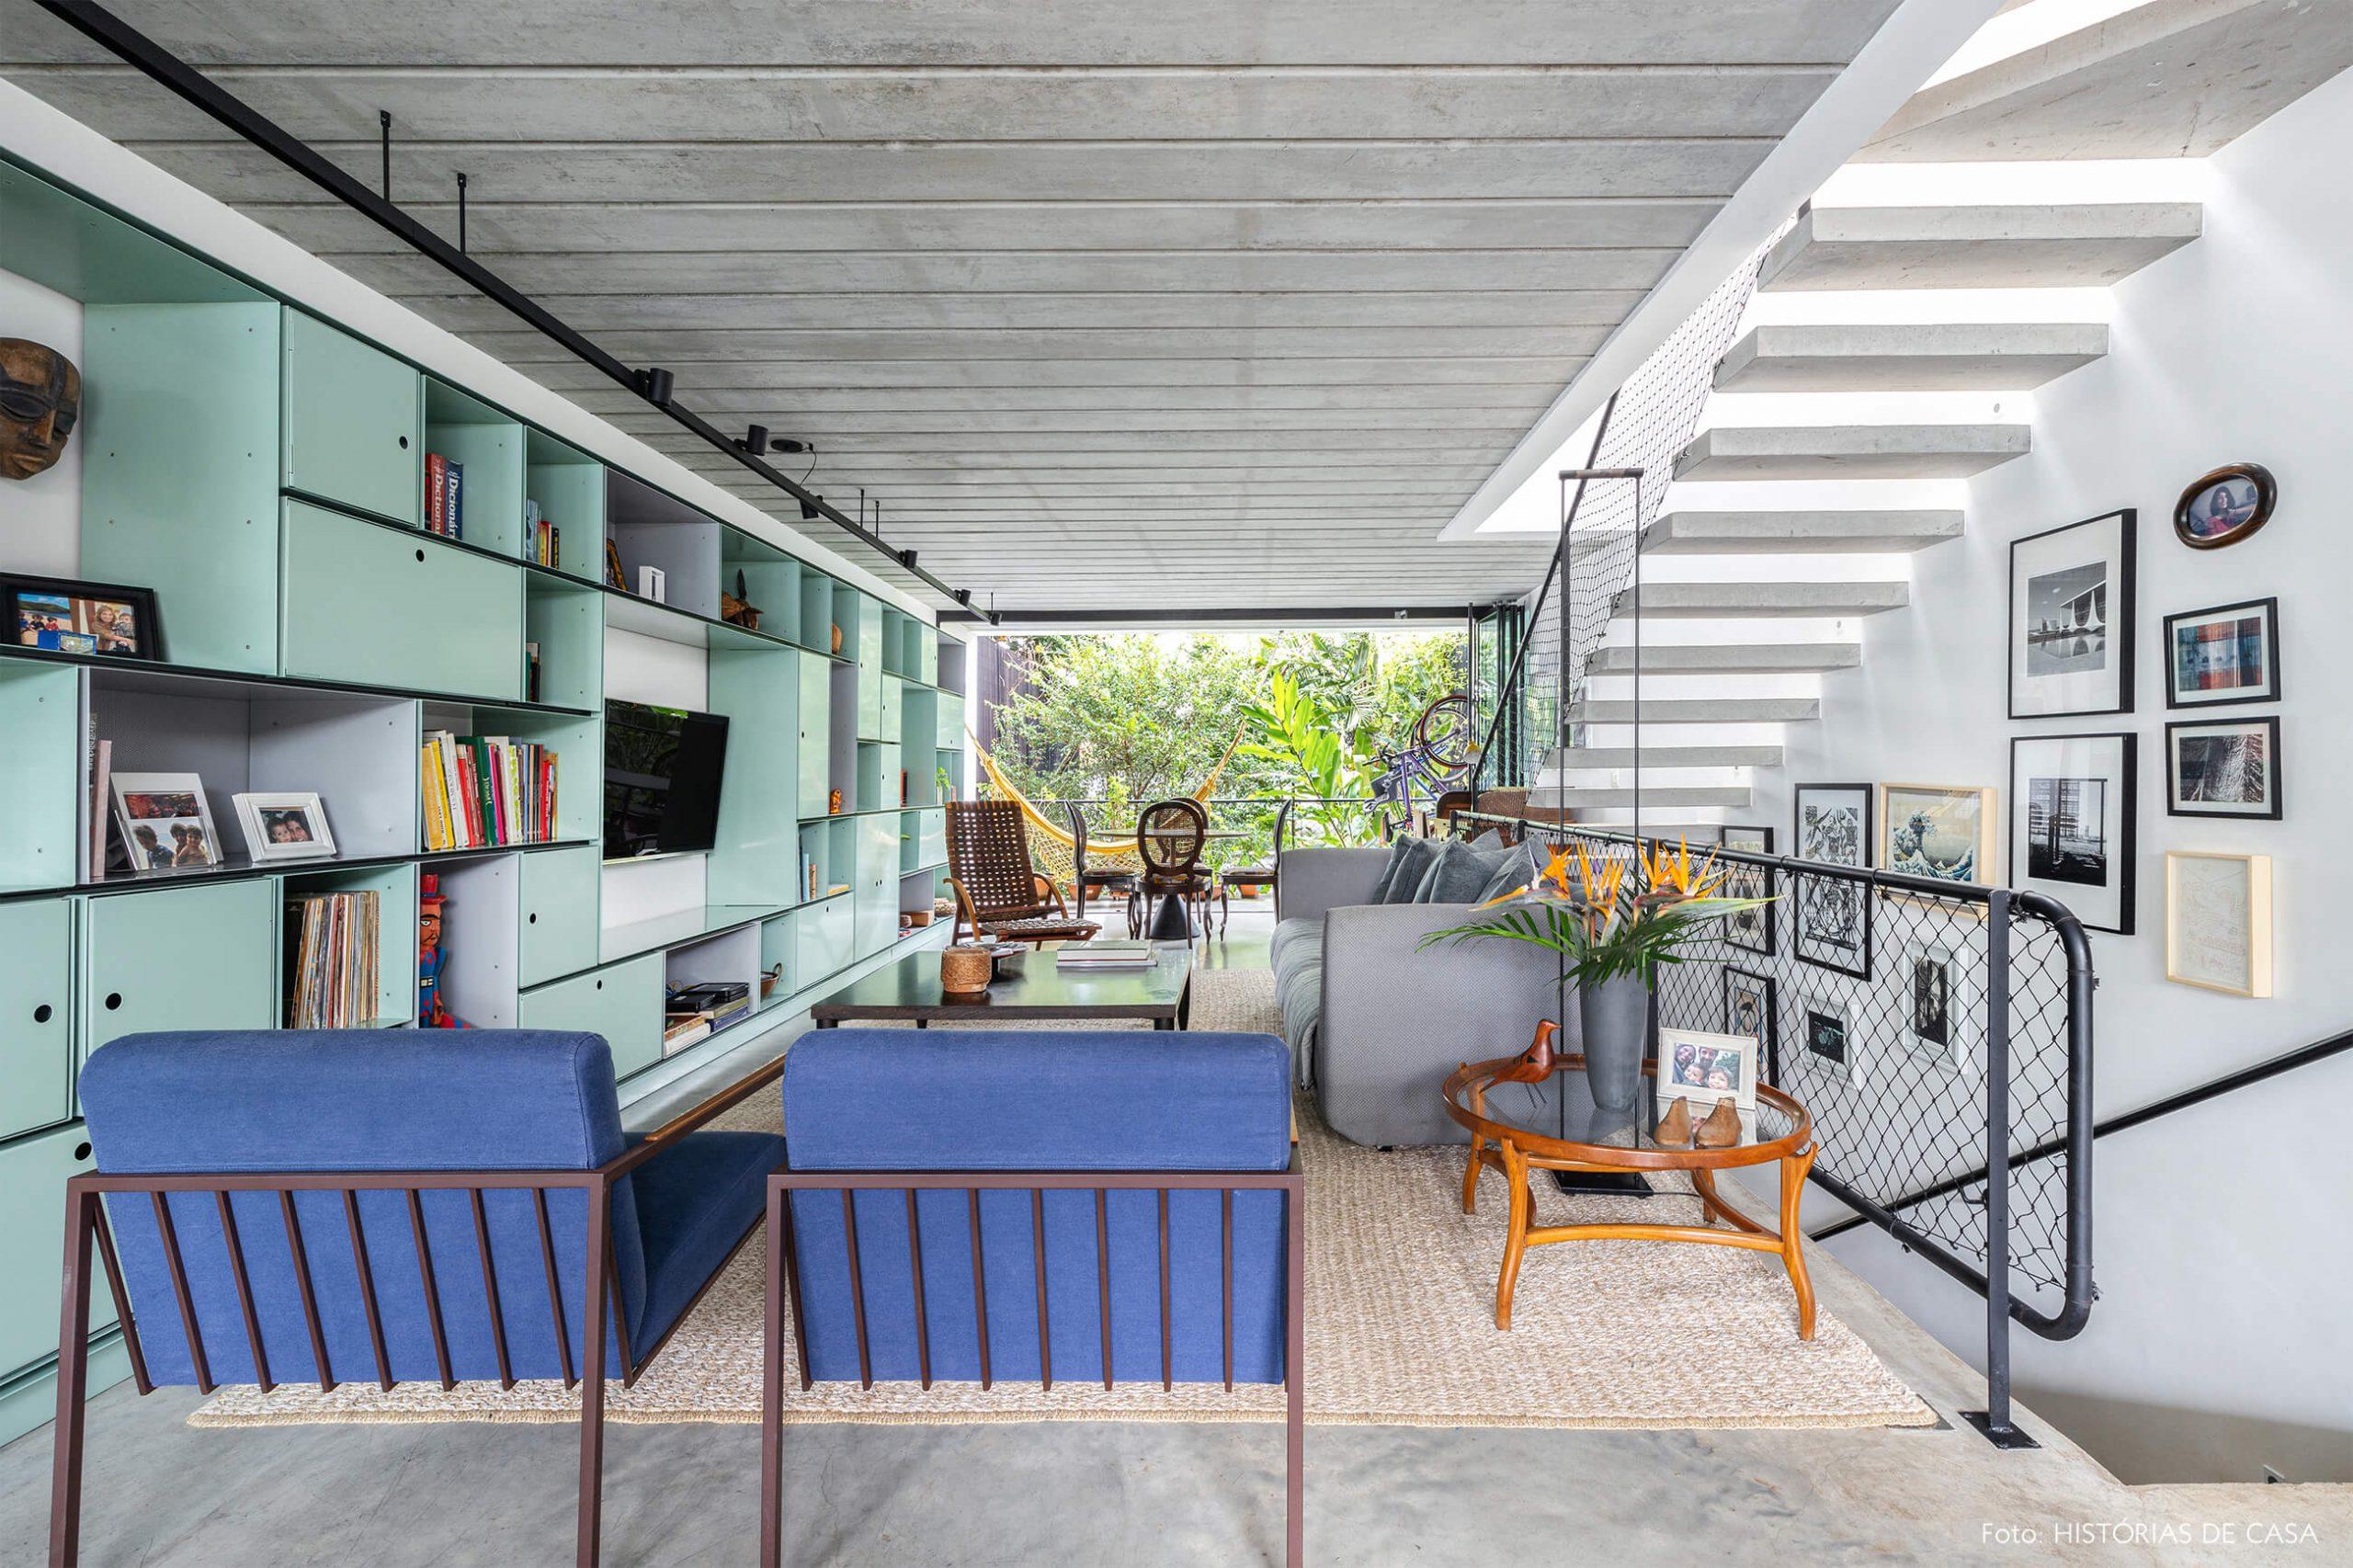 decoração casa sala com poltrona azul estante verde e escada de concreto